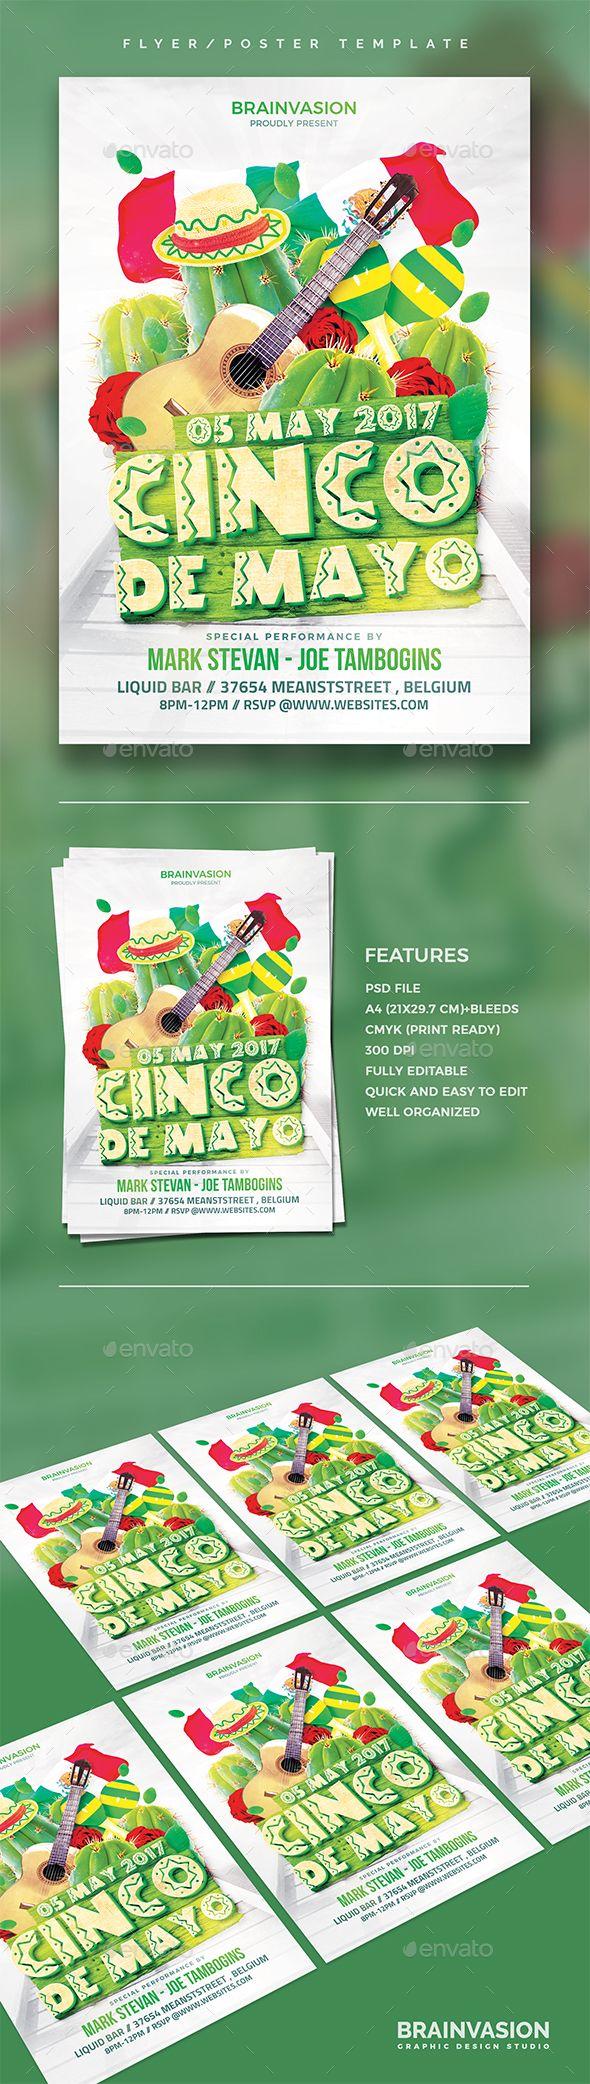 Cinco De Mayo Flyer Template   Pinterest   Cinco de Mayo y Photoshop